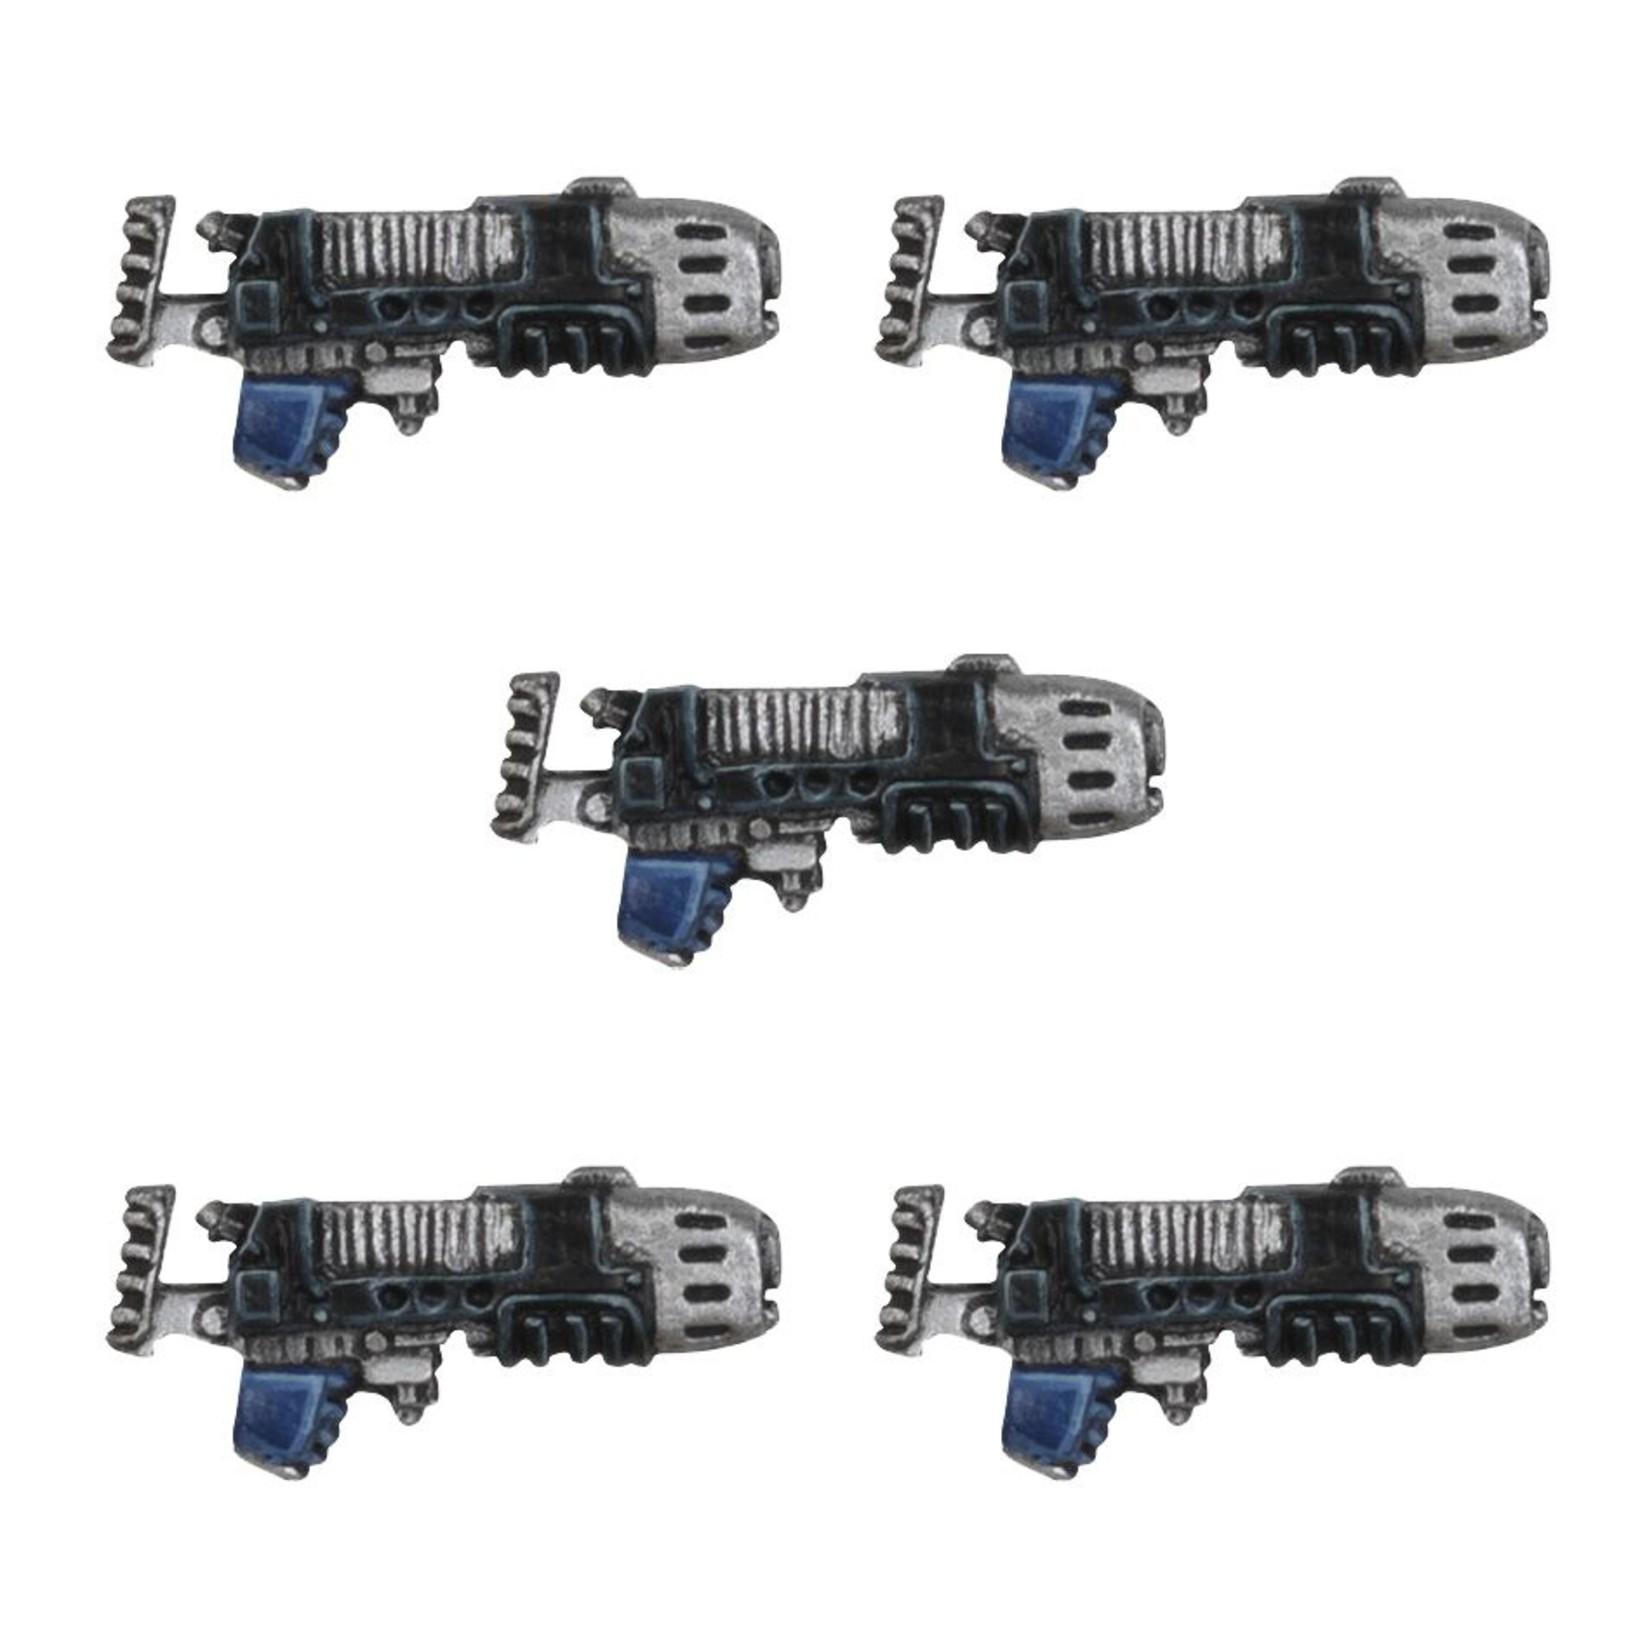 Space Marine Plasma Guns